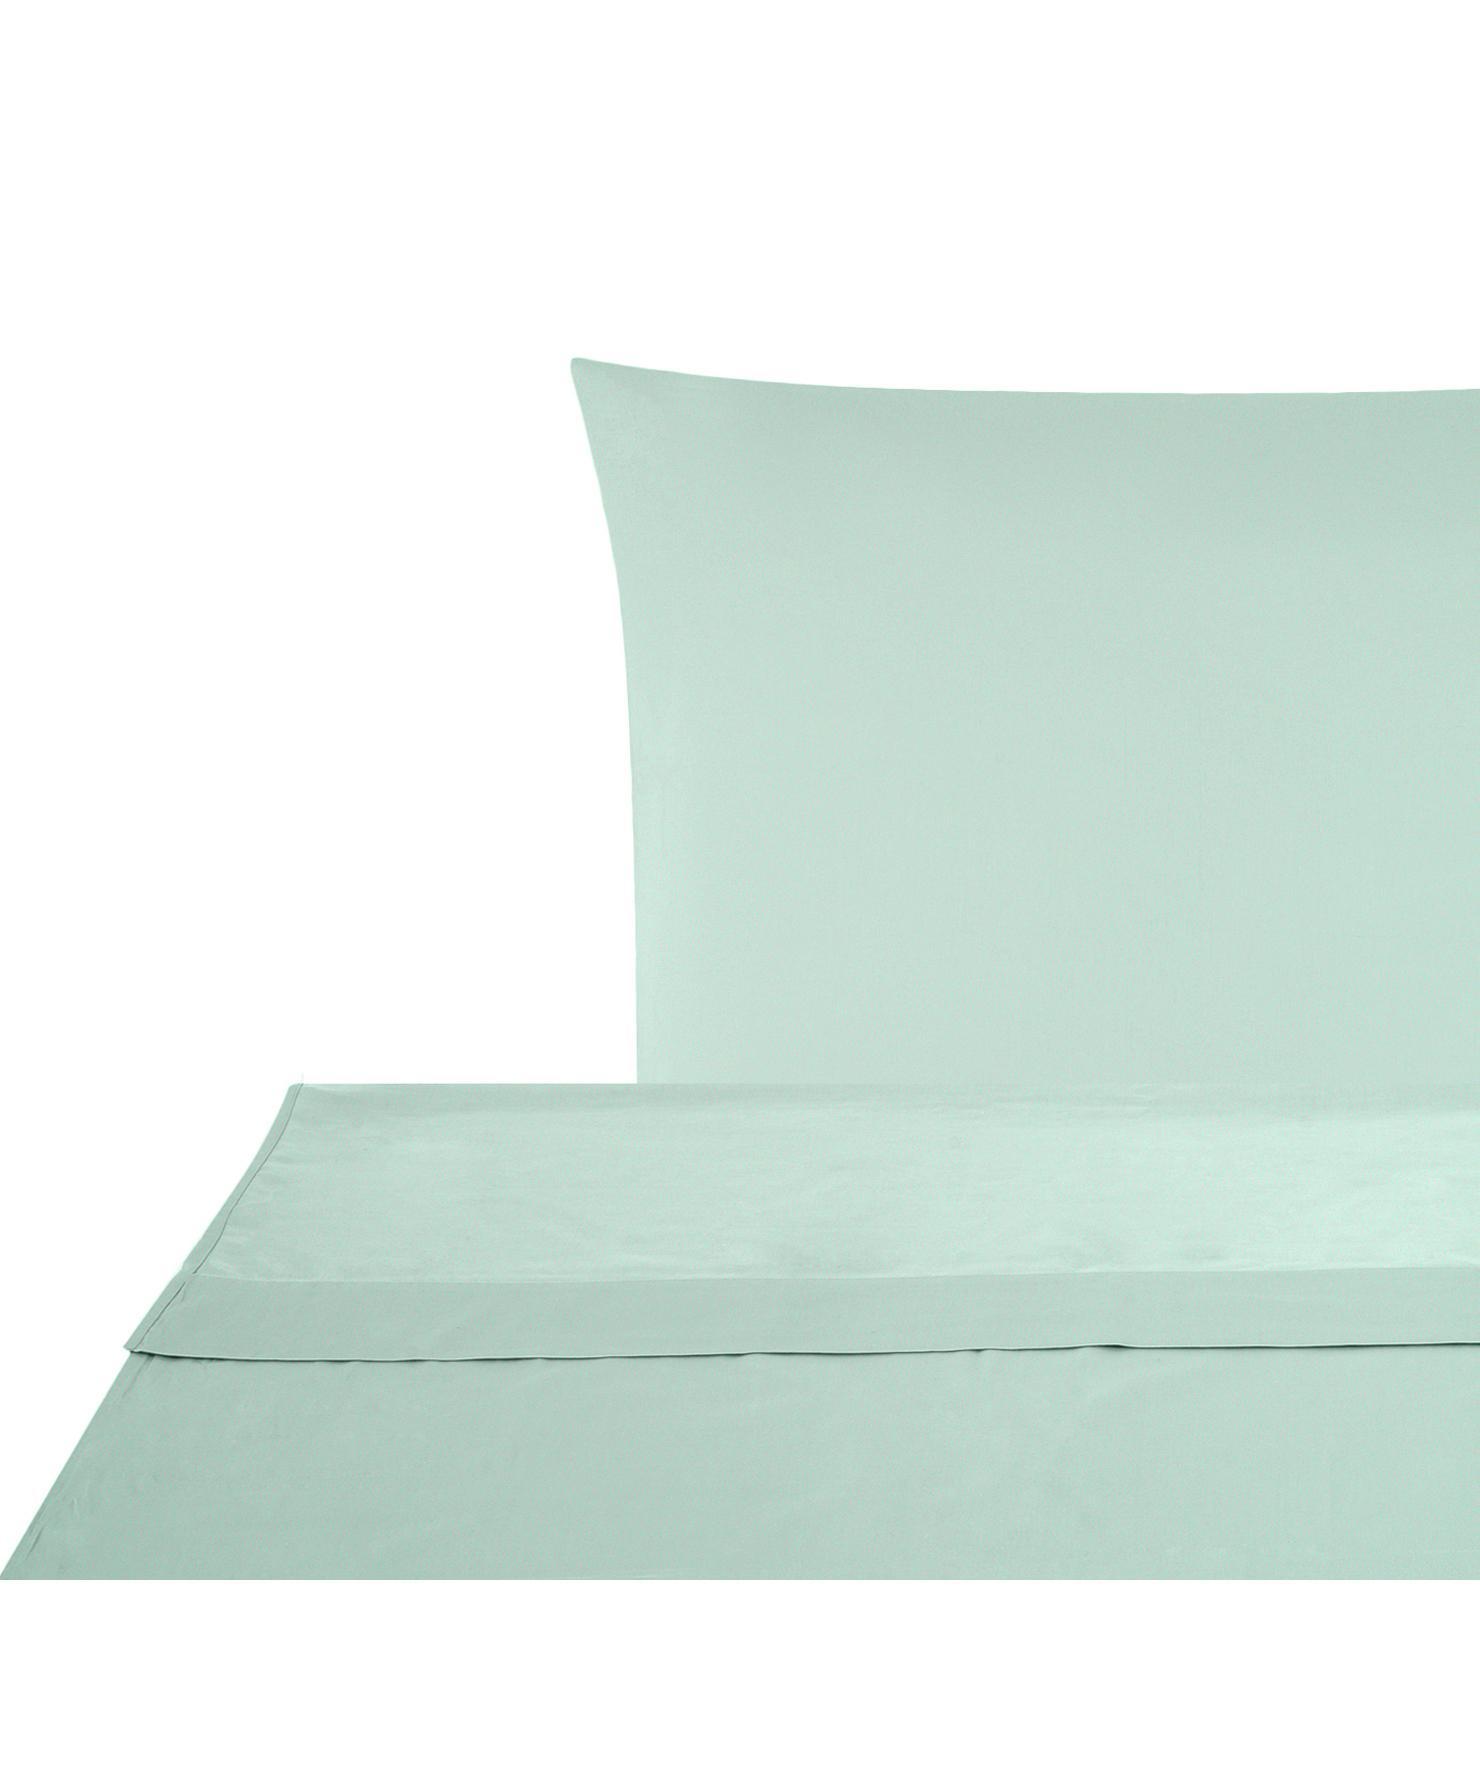 Set lenzuola in raso di cotone Comfort 2 pz, Tessuto: raso Densità del filo 250, Verde salvia, 150 x 300 cm